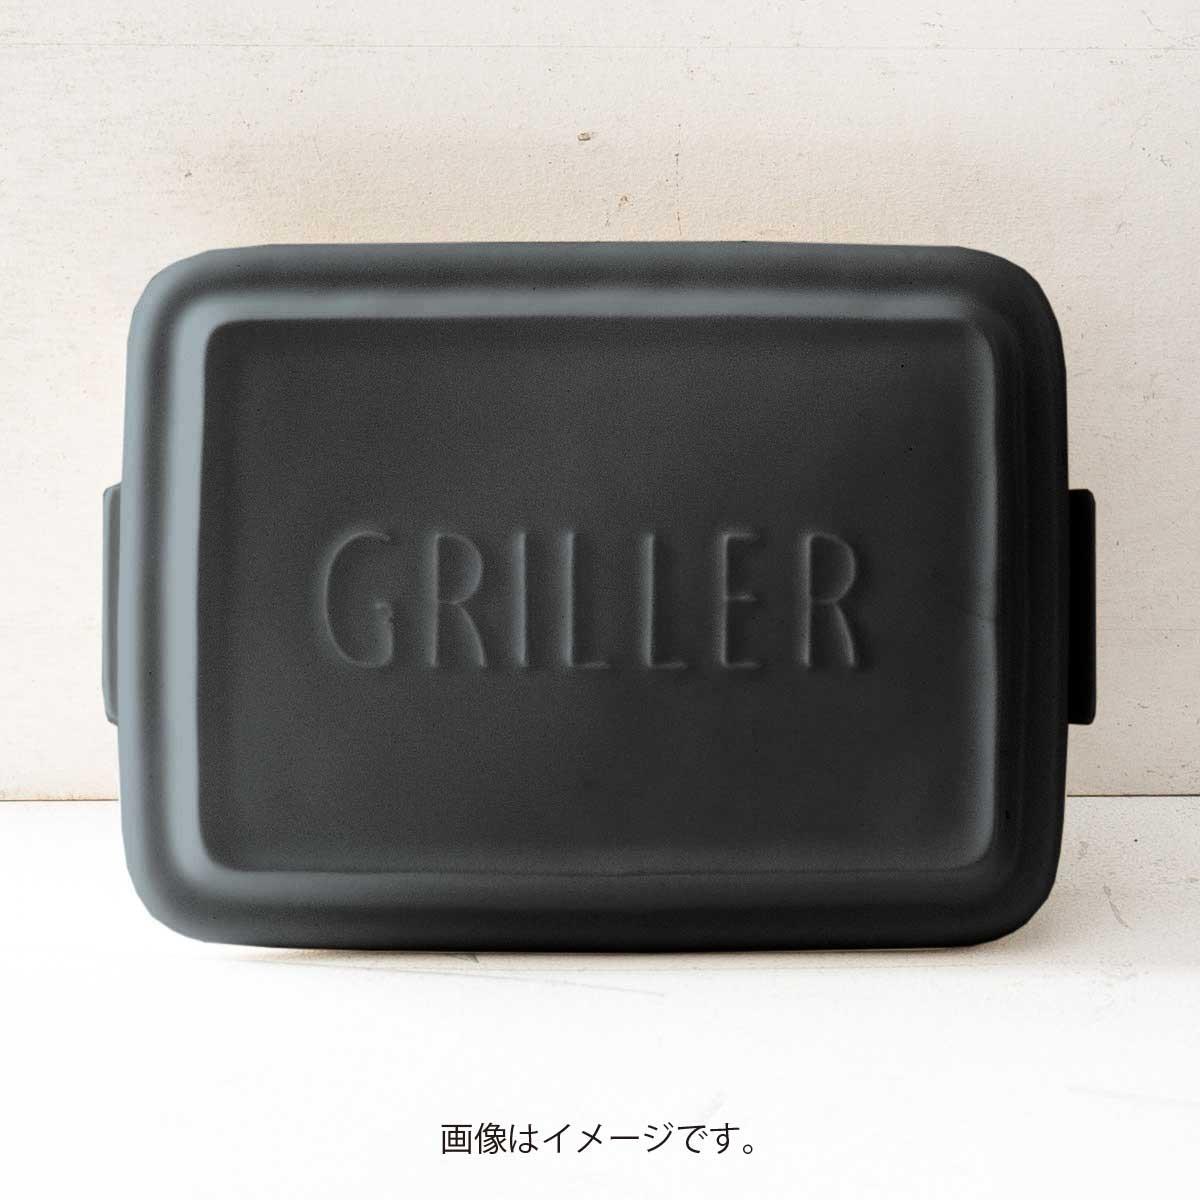 魚焼きグリル グリラー 陶器 [〈イブキクラフト TOOL-S 〉グリラー(ブラック)] キッチン サラサデザインストア